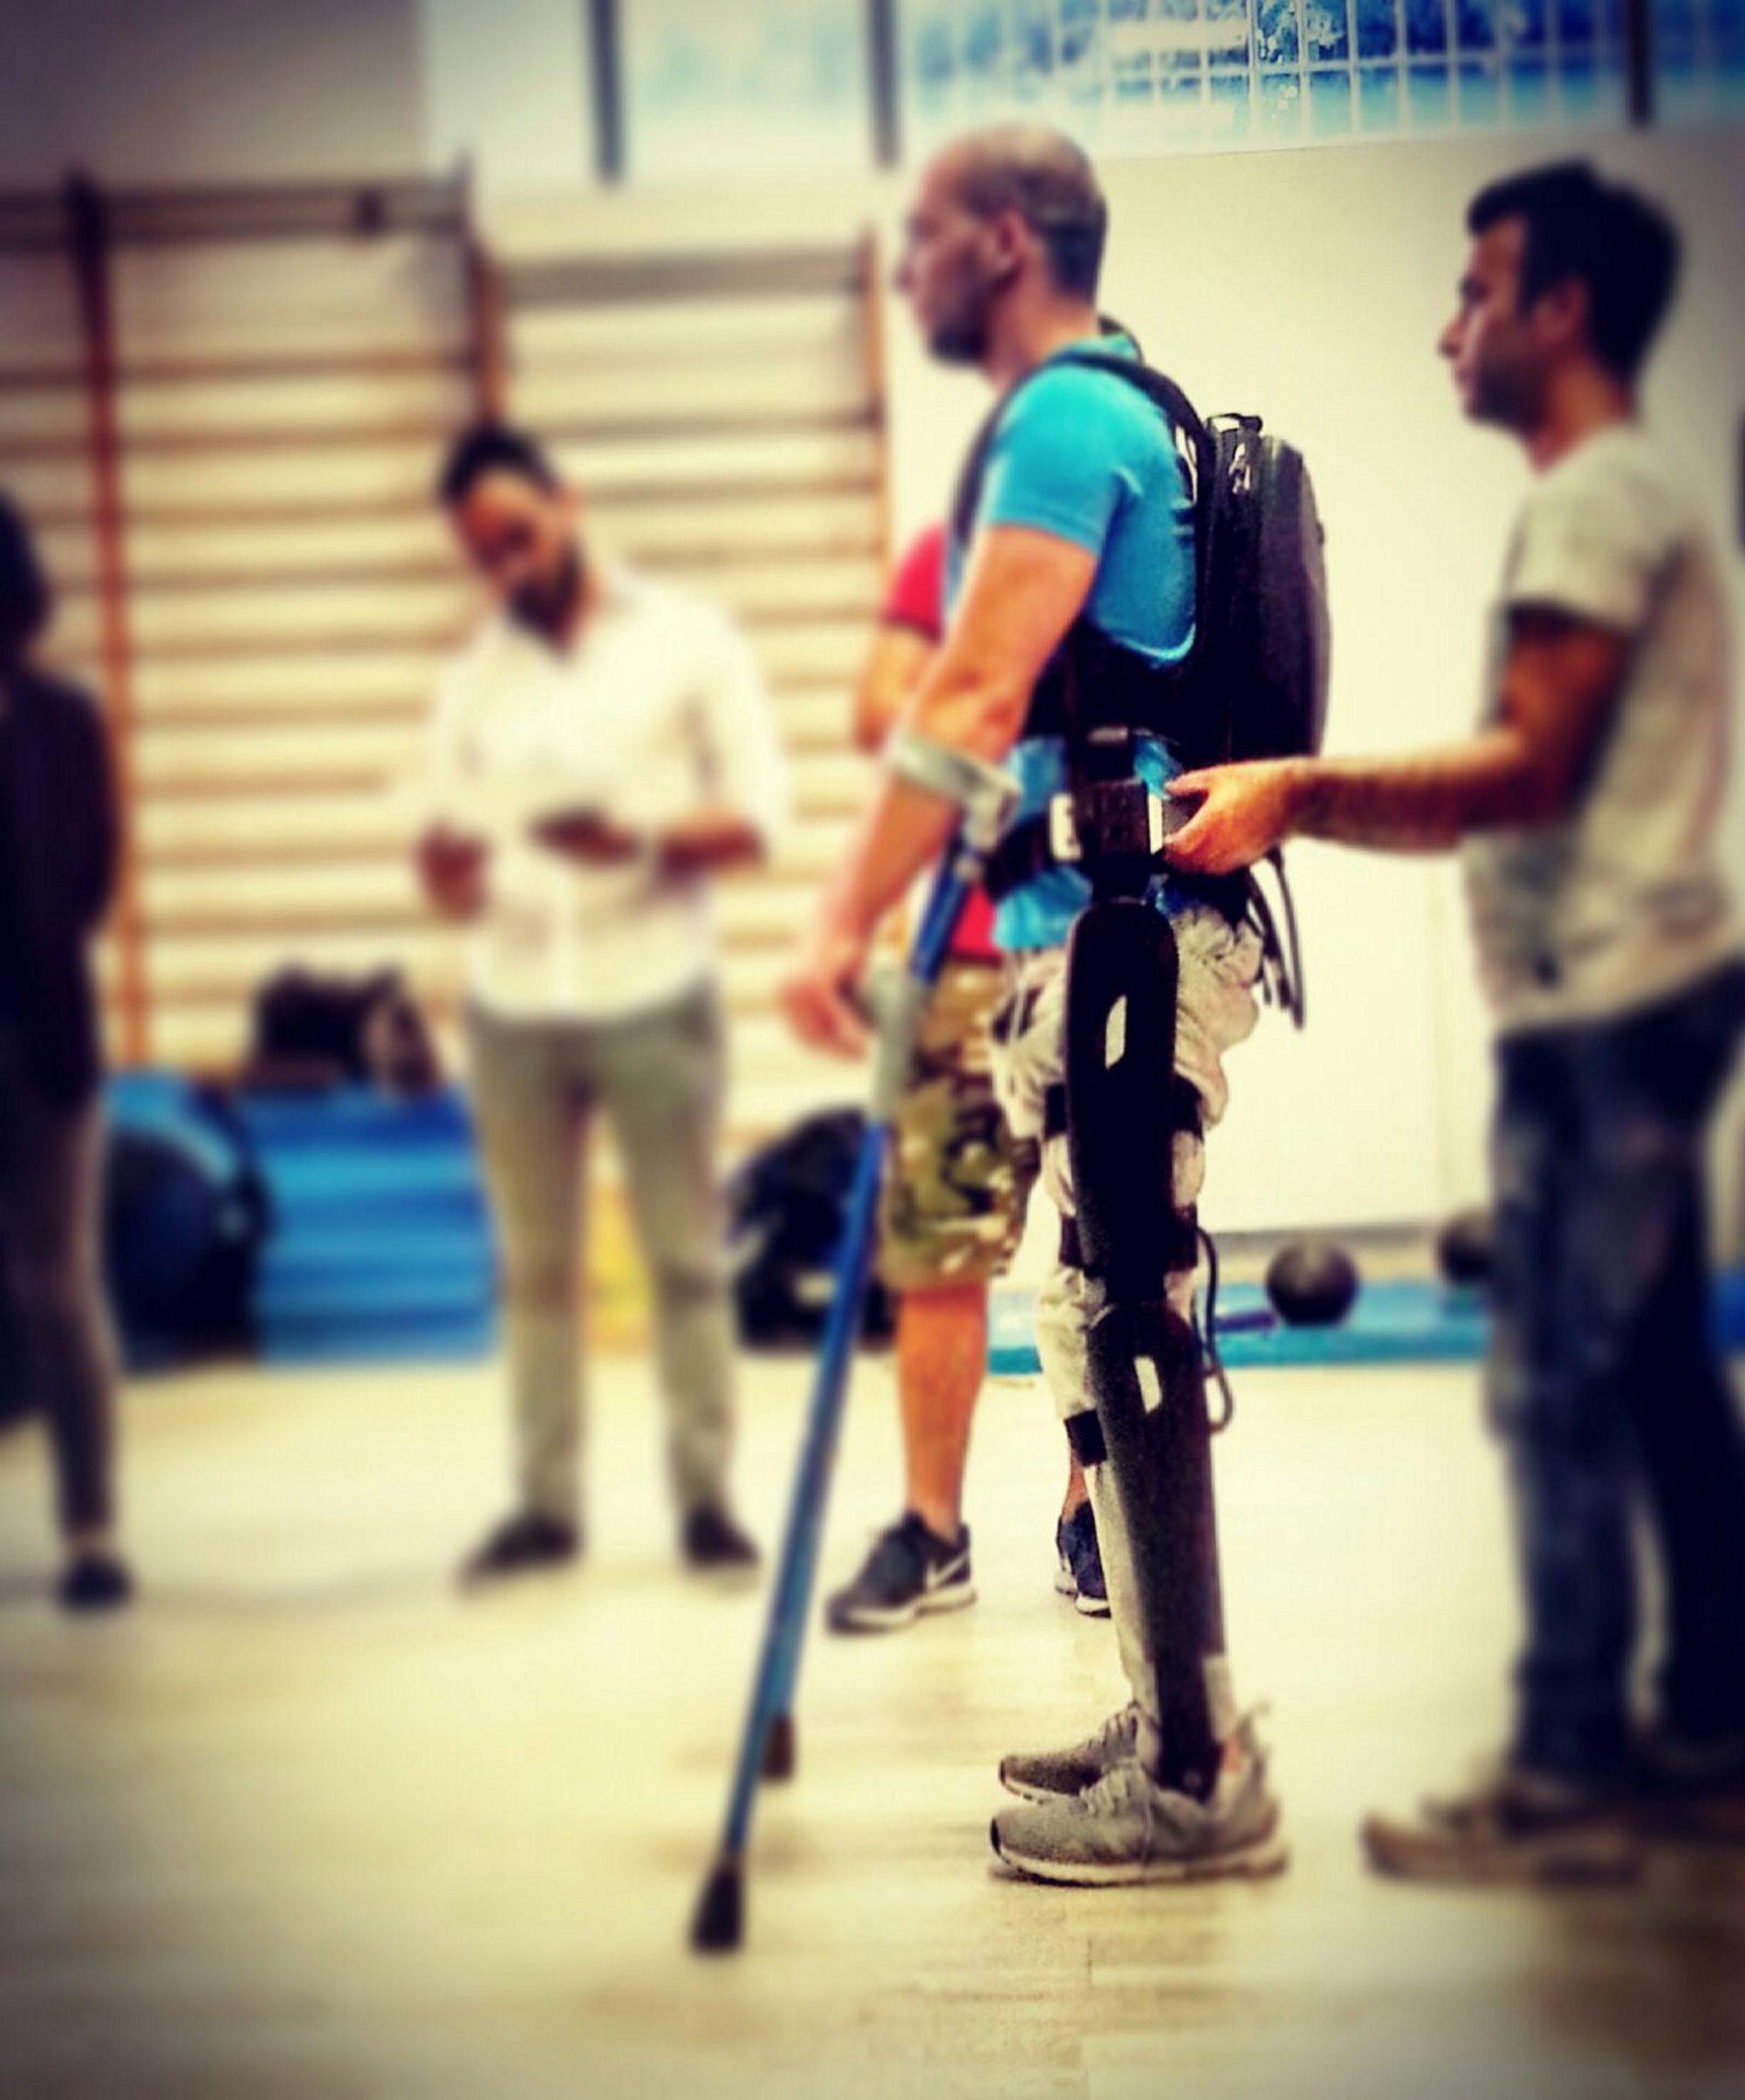 Il nostro centro si può considerare alla stregua di una palestra per normodotati dove le persone con lesioni al midollo spianale possono svolgere un'attività aerobica in posizione ortostatica e beneficiare, come documentato da dati scientifici, di una serie di miglioramenti. -